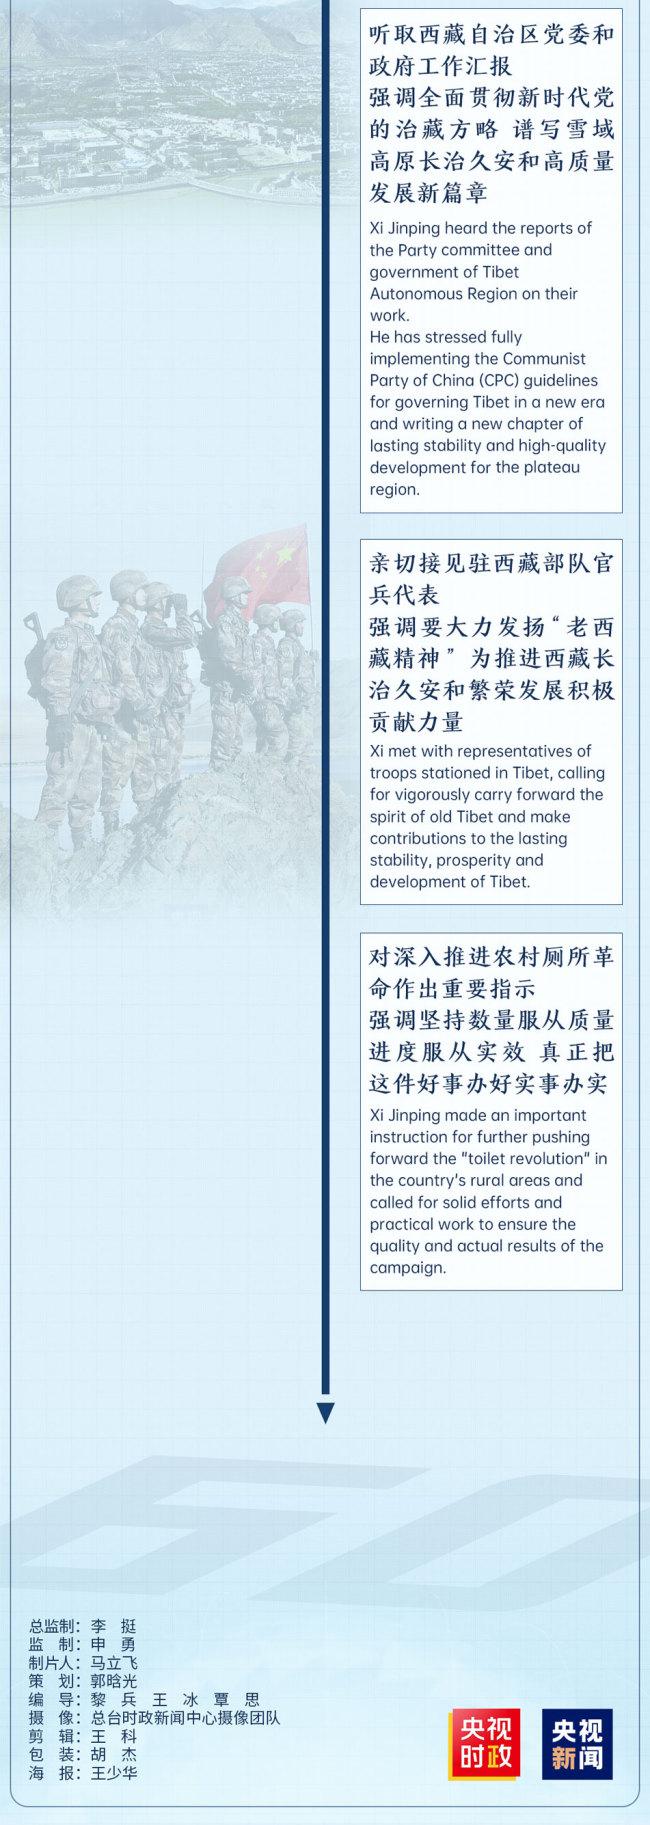 时政微周刊丨总书记的一周(7月19日—7月25日)